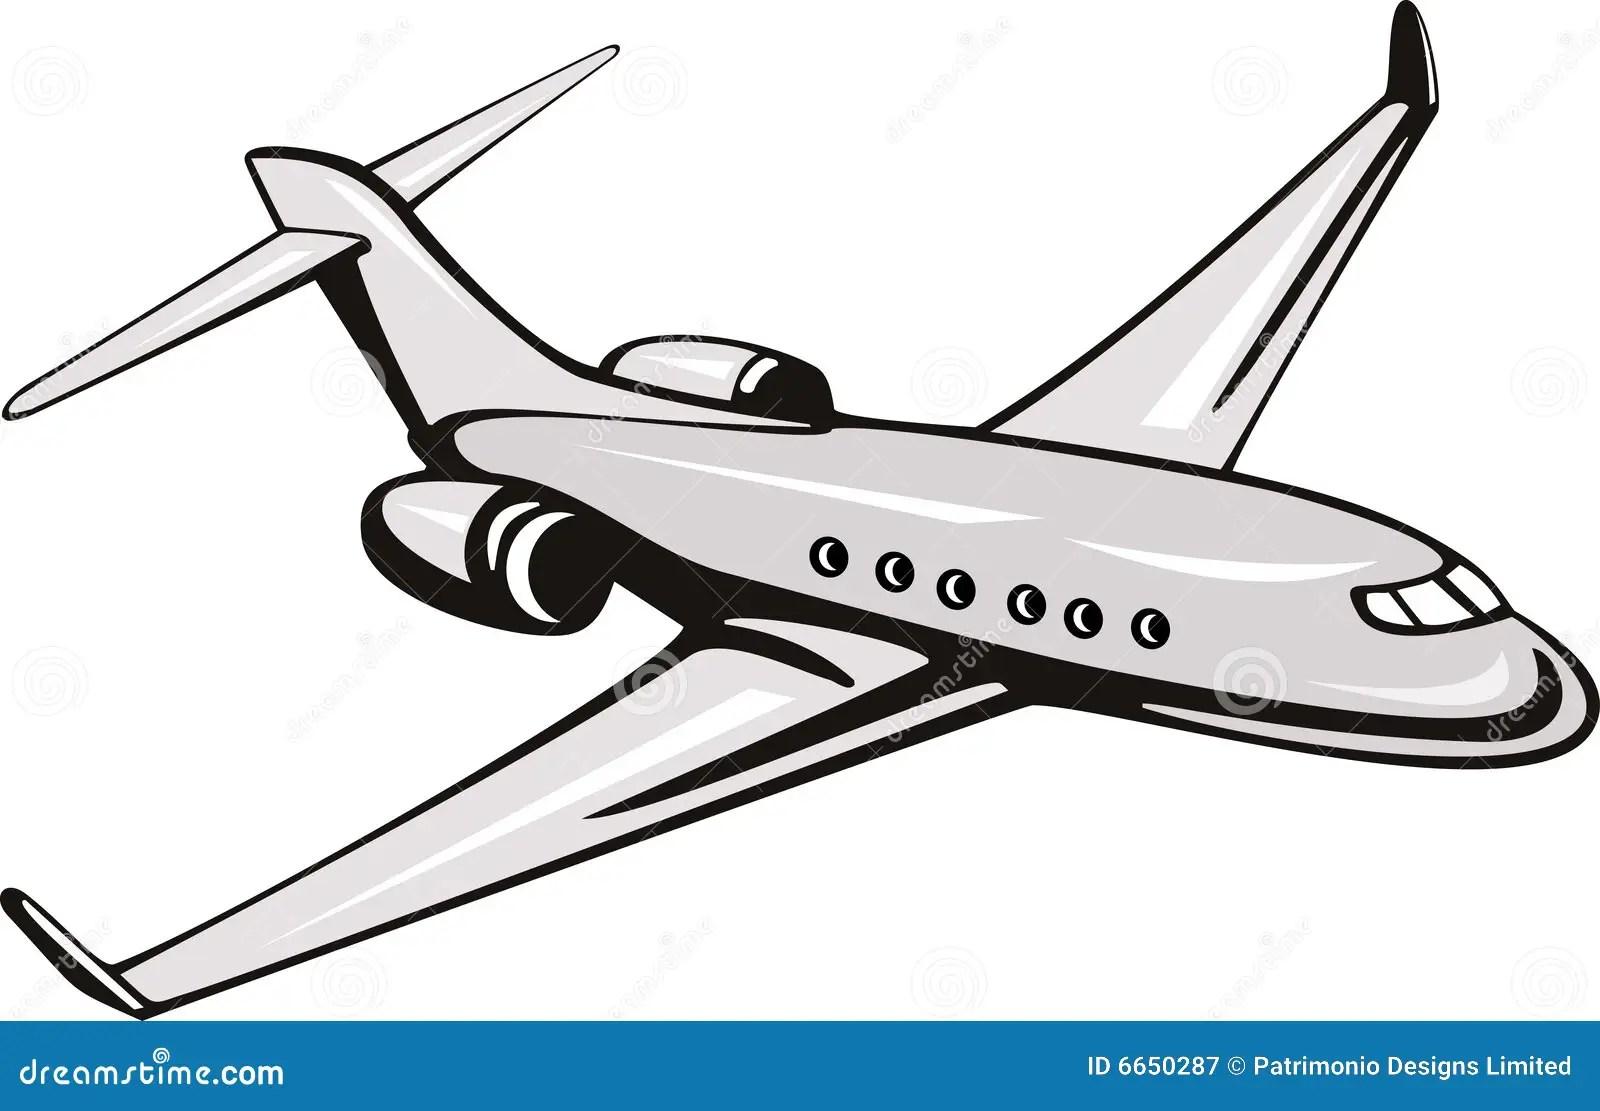 Light Commercial Plane Stock Illustration Illustration Of